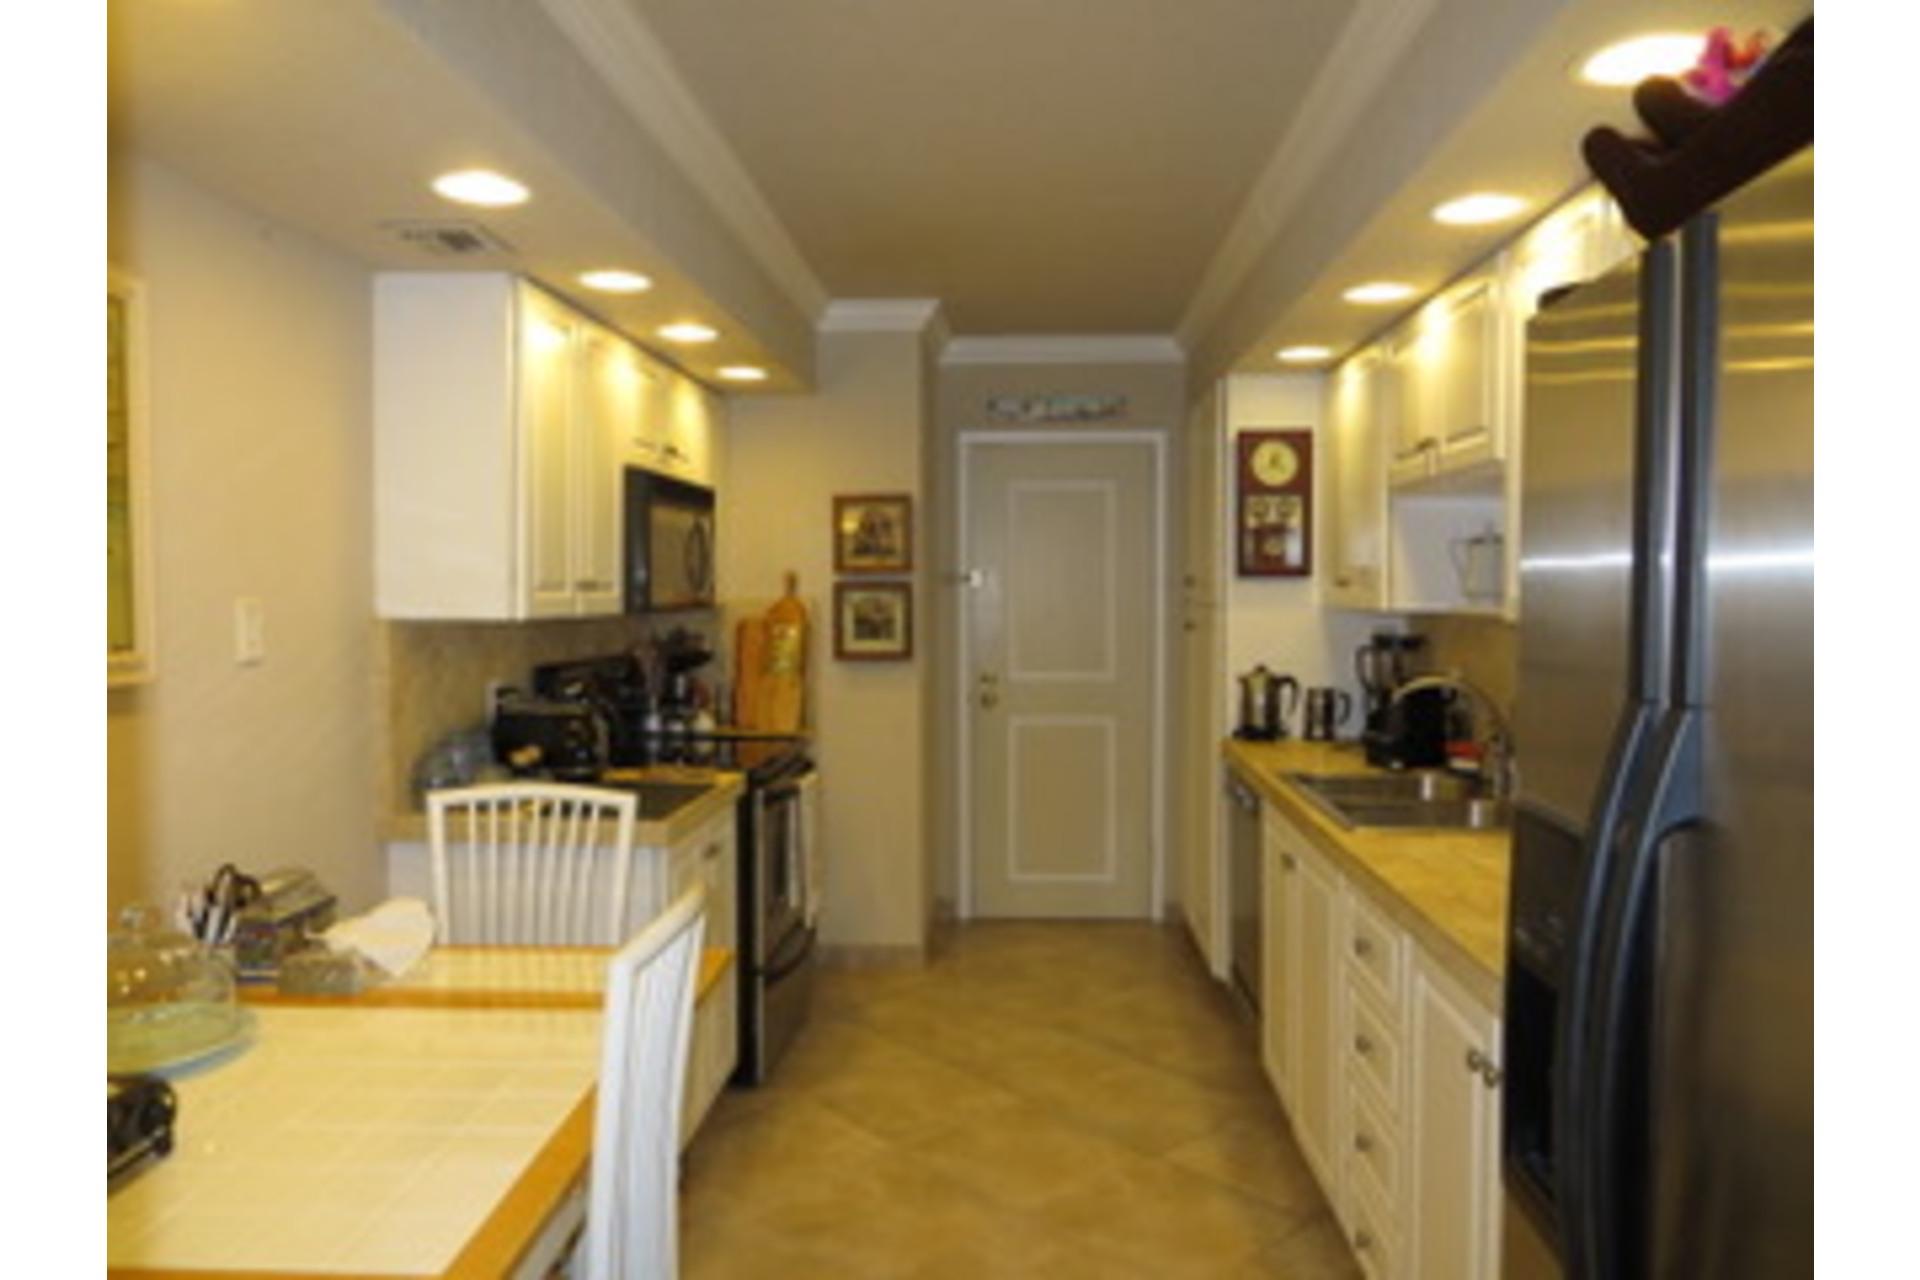 image 6 - Condo Short rental Hallandale Beach - 6 rooms